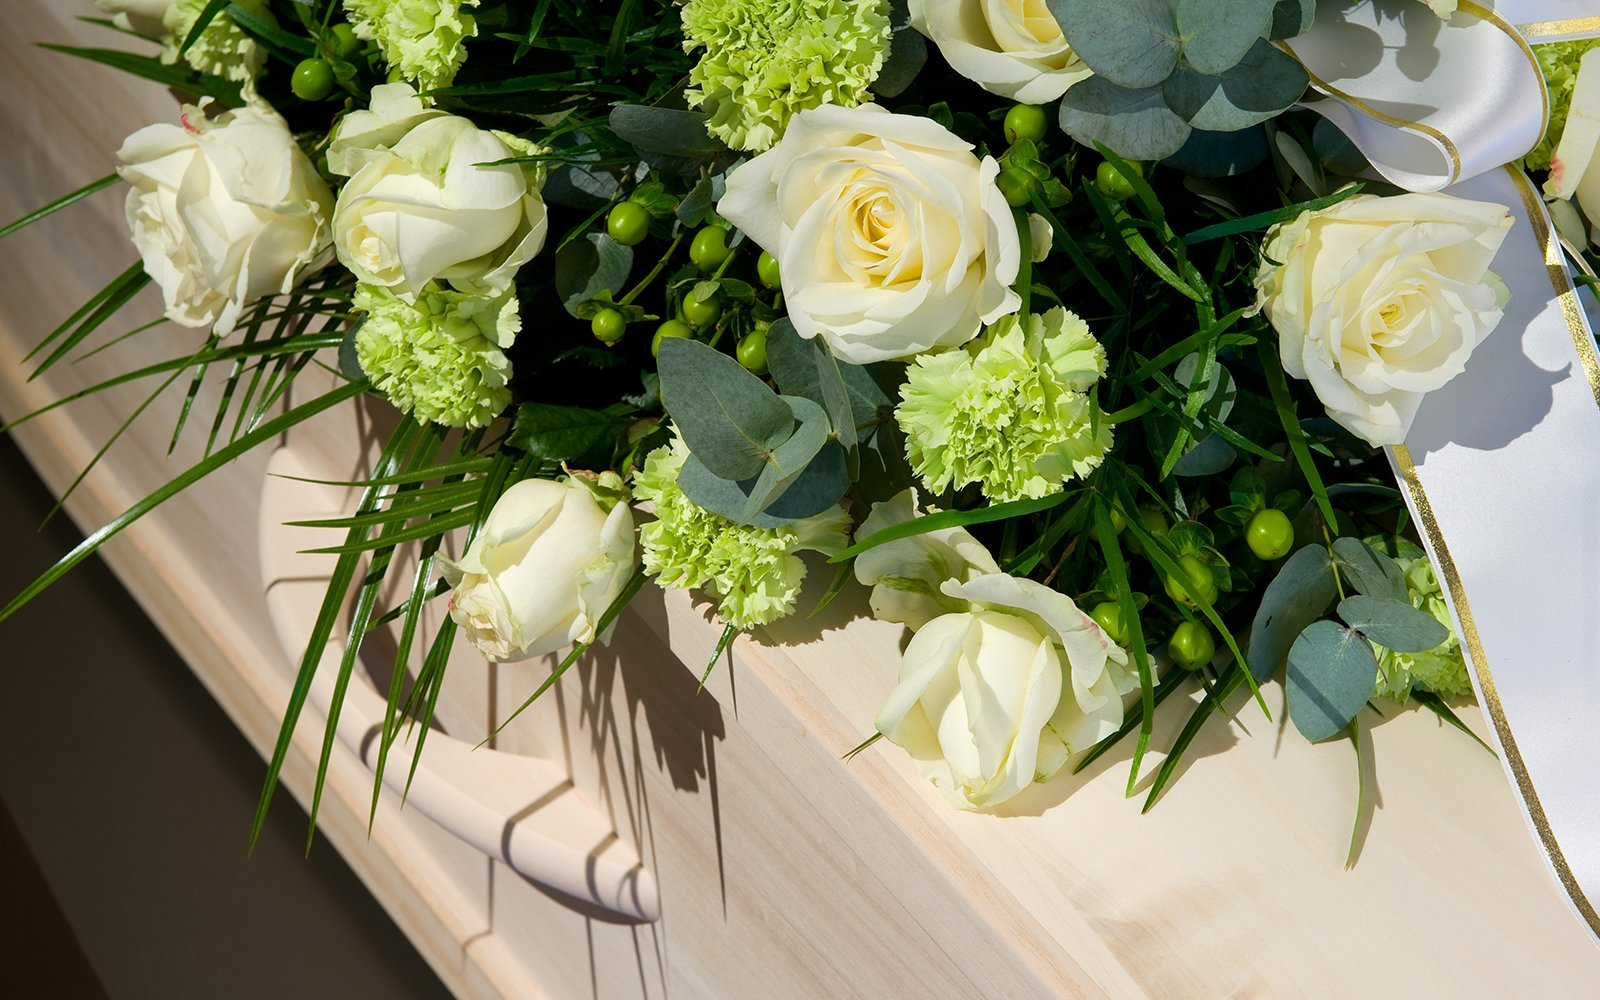 delle rose bianche su una bara